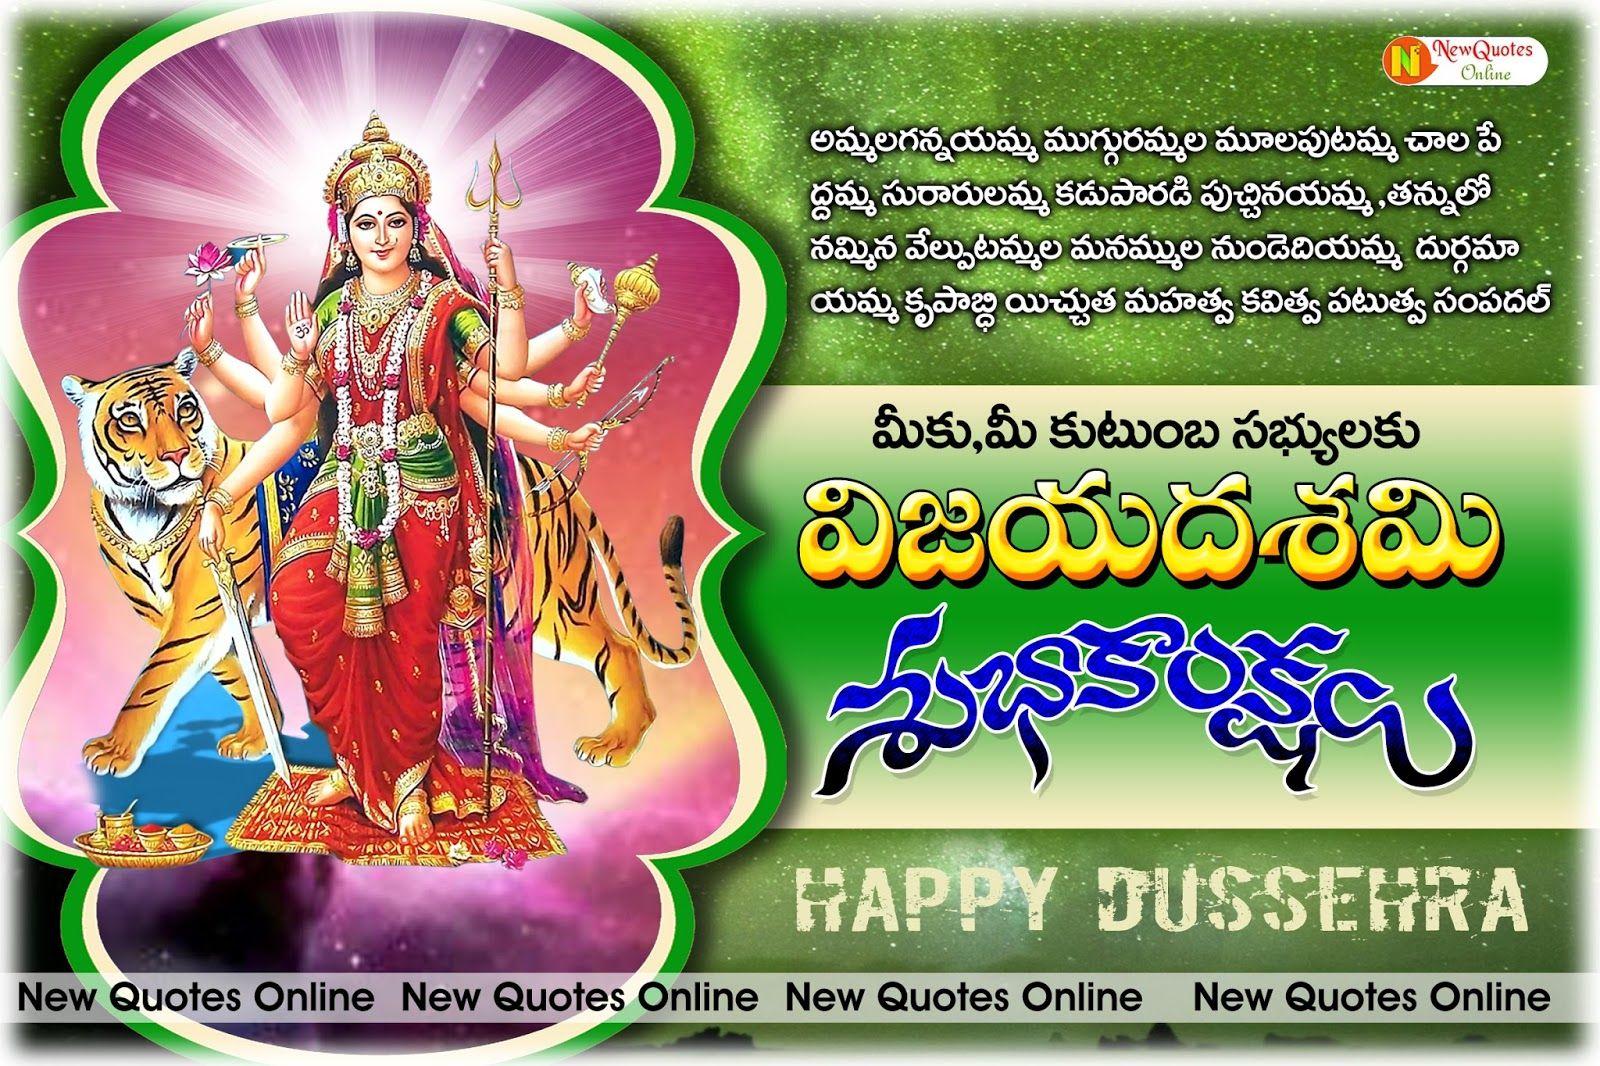 Dussehra Quotes In Telugu Tumblr thumbnail